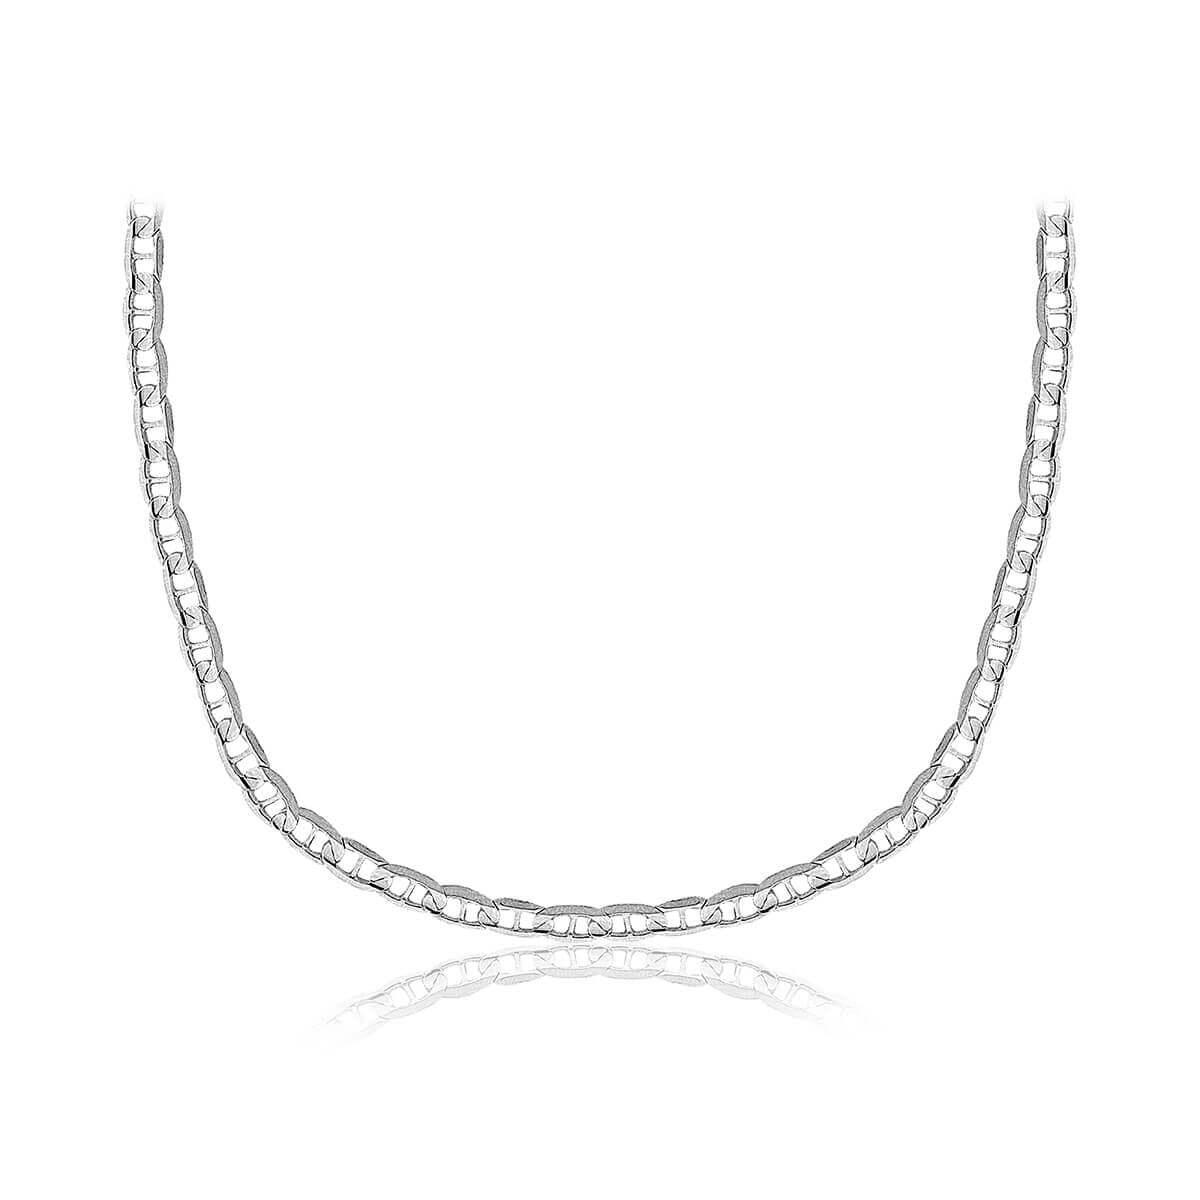 Mont Saint-Michel Chain Necklace